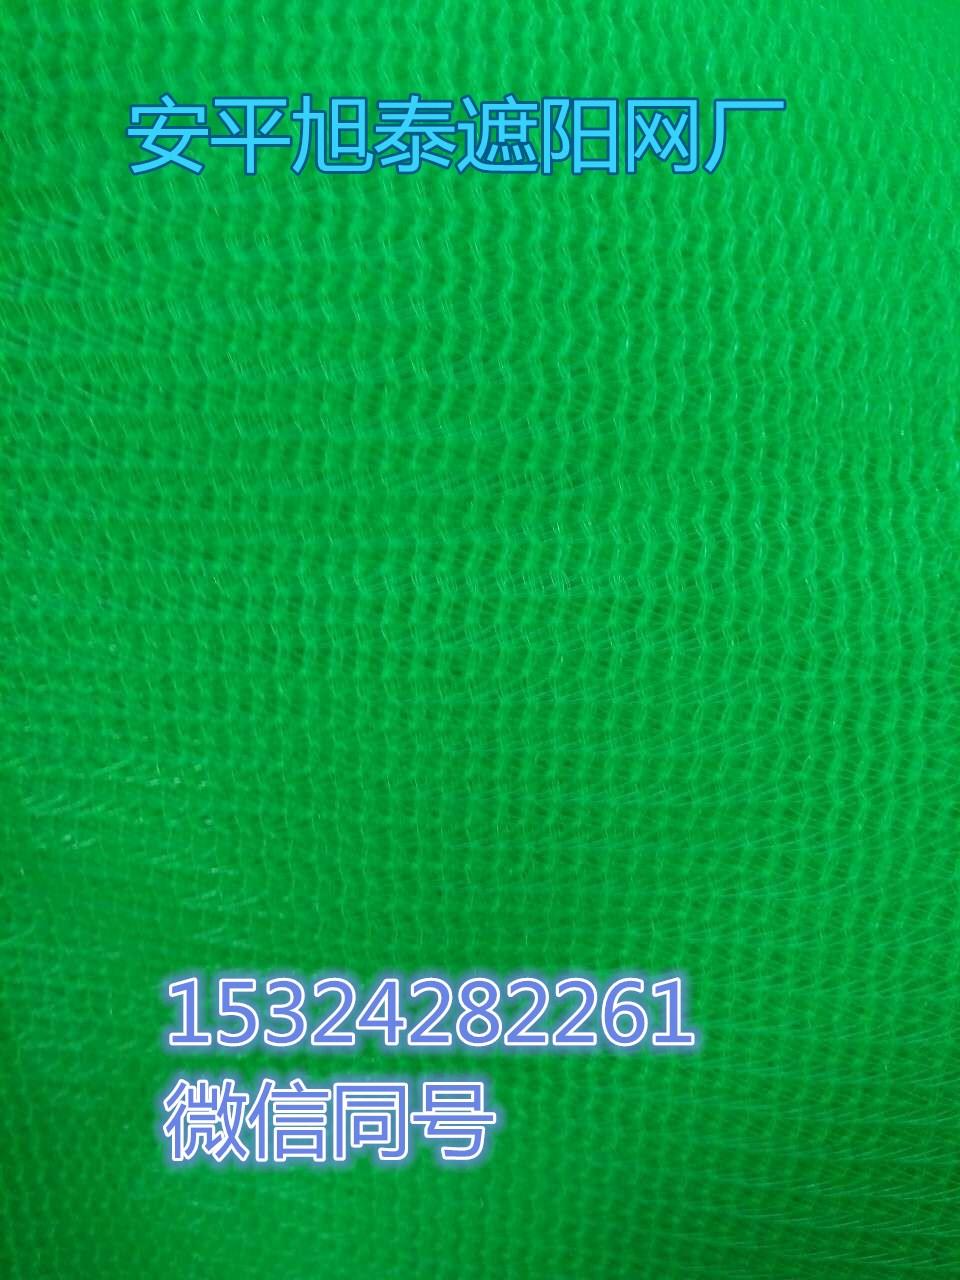 长期供应绿色密目网